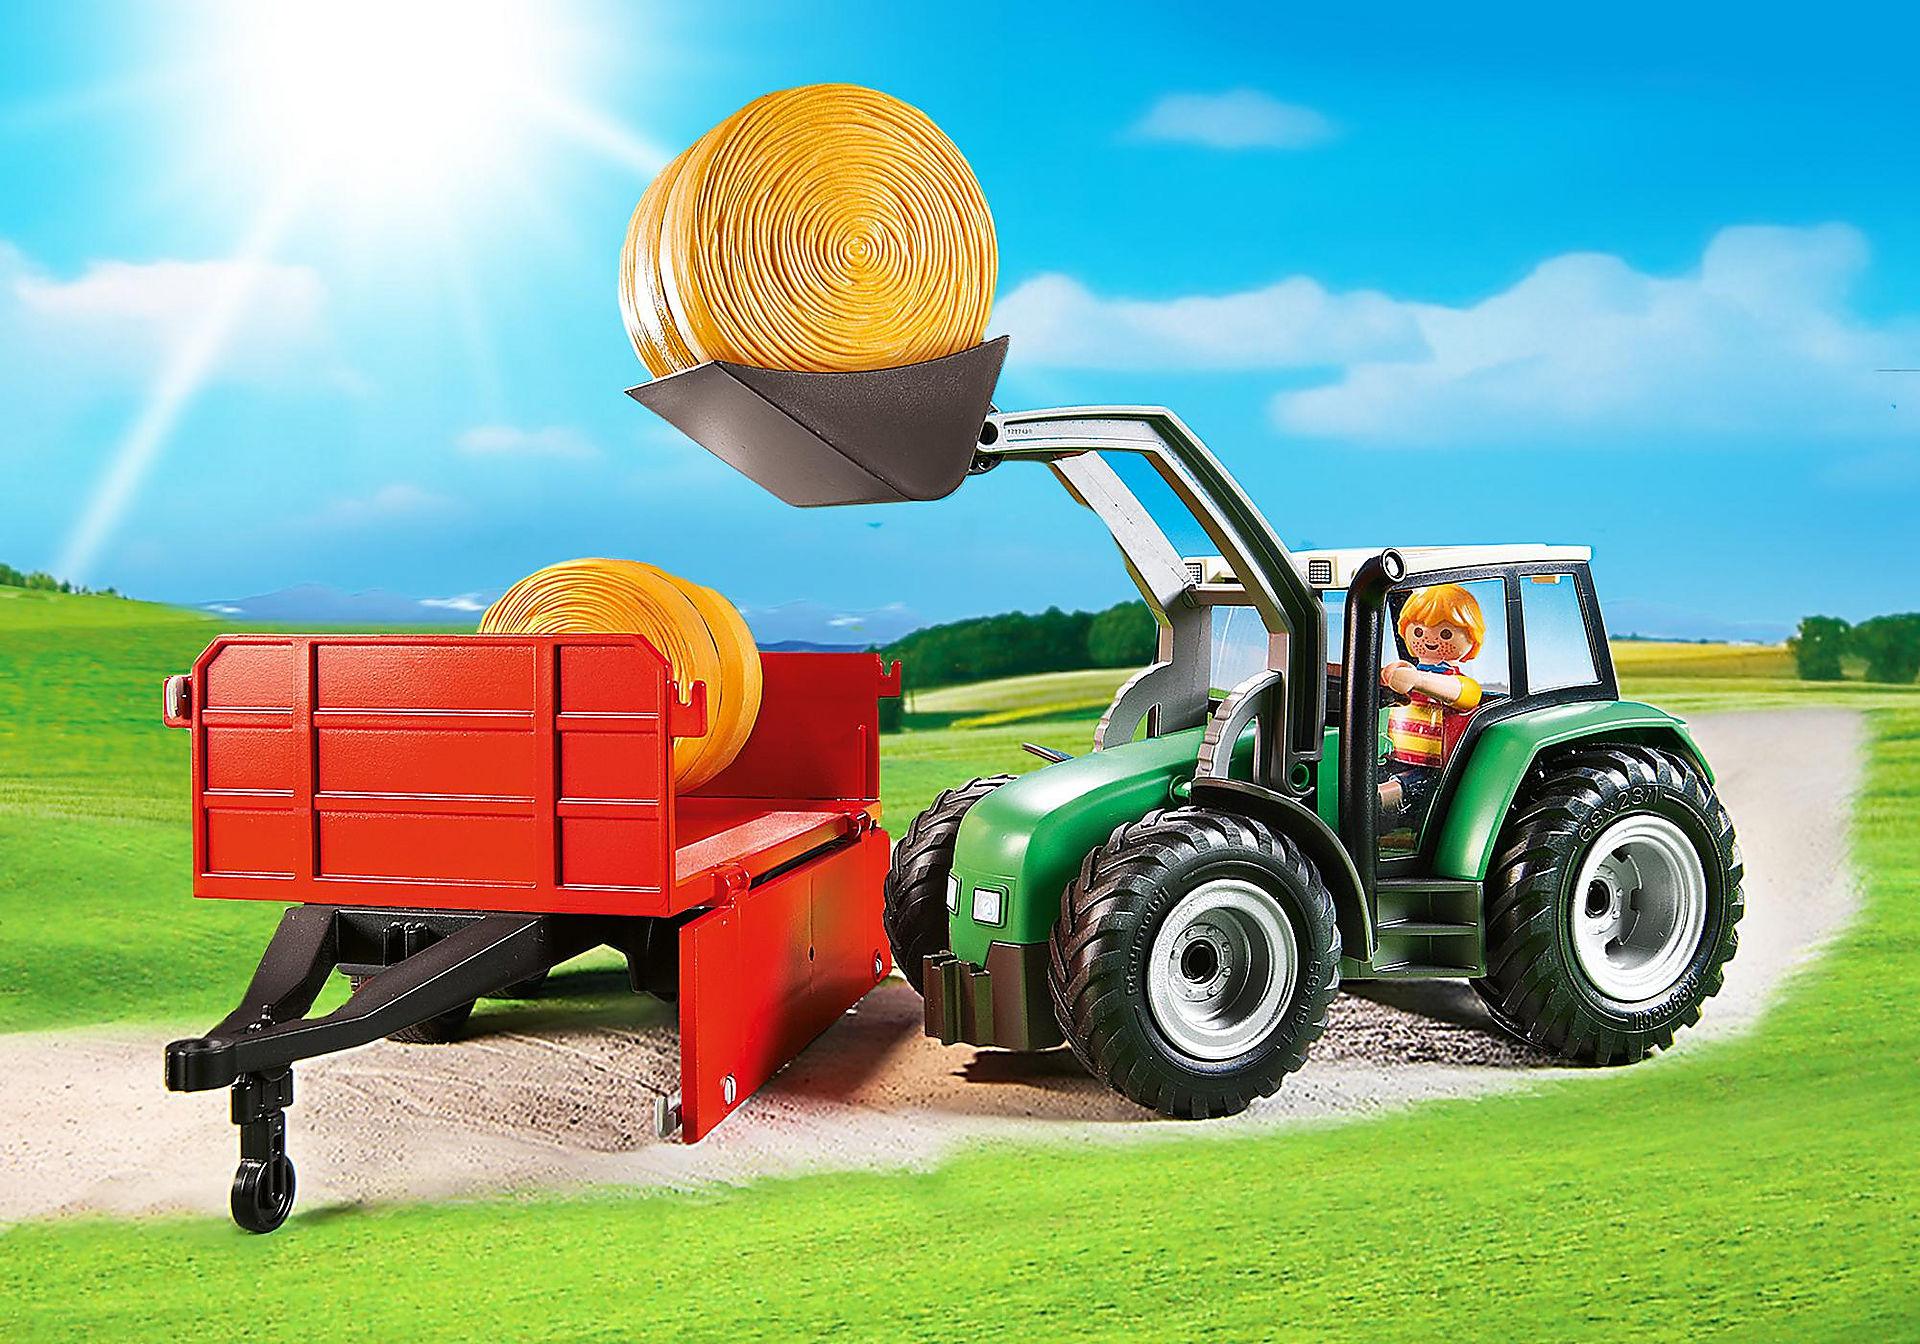 http://media.playmobil.com/i/playmobil/6130_product_extra3/Tractor met aanhangwagen